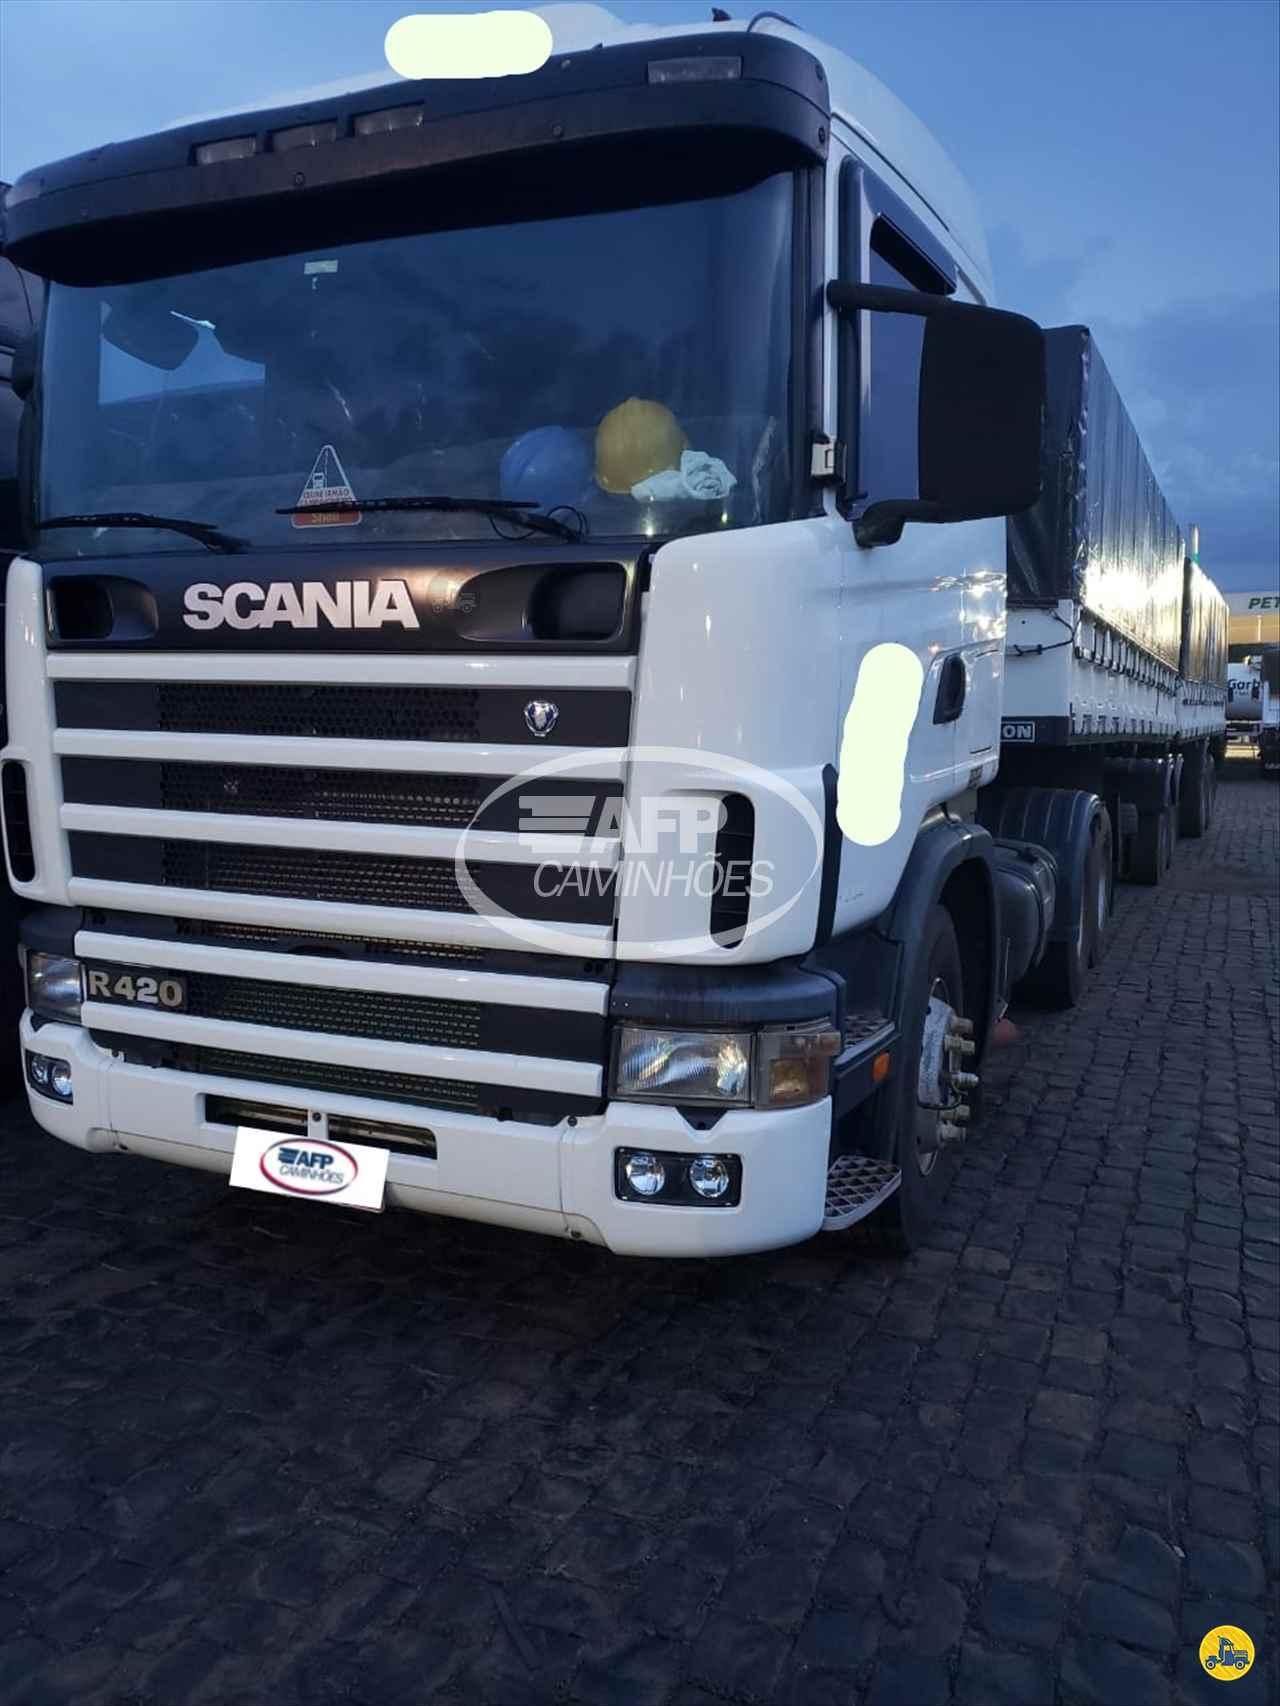 CAMINHAO SCANIA SCANIA 420 Cavalo Mecânico Truck 6x2 AFP Caminhões UBERLANDIA MINAS GERAIS MG